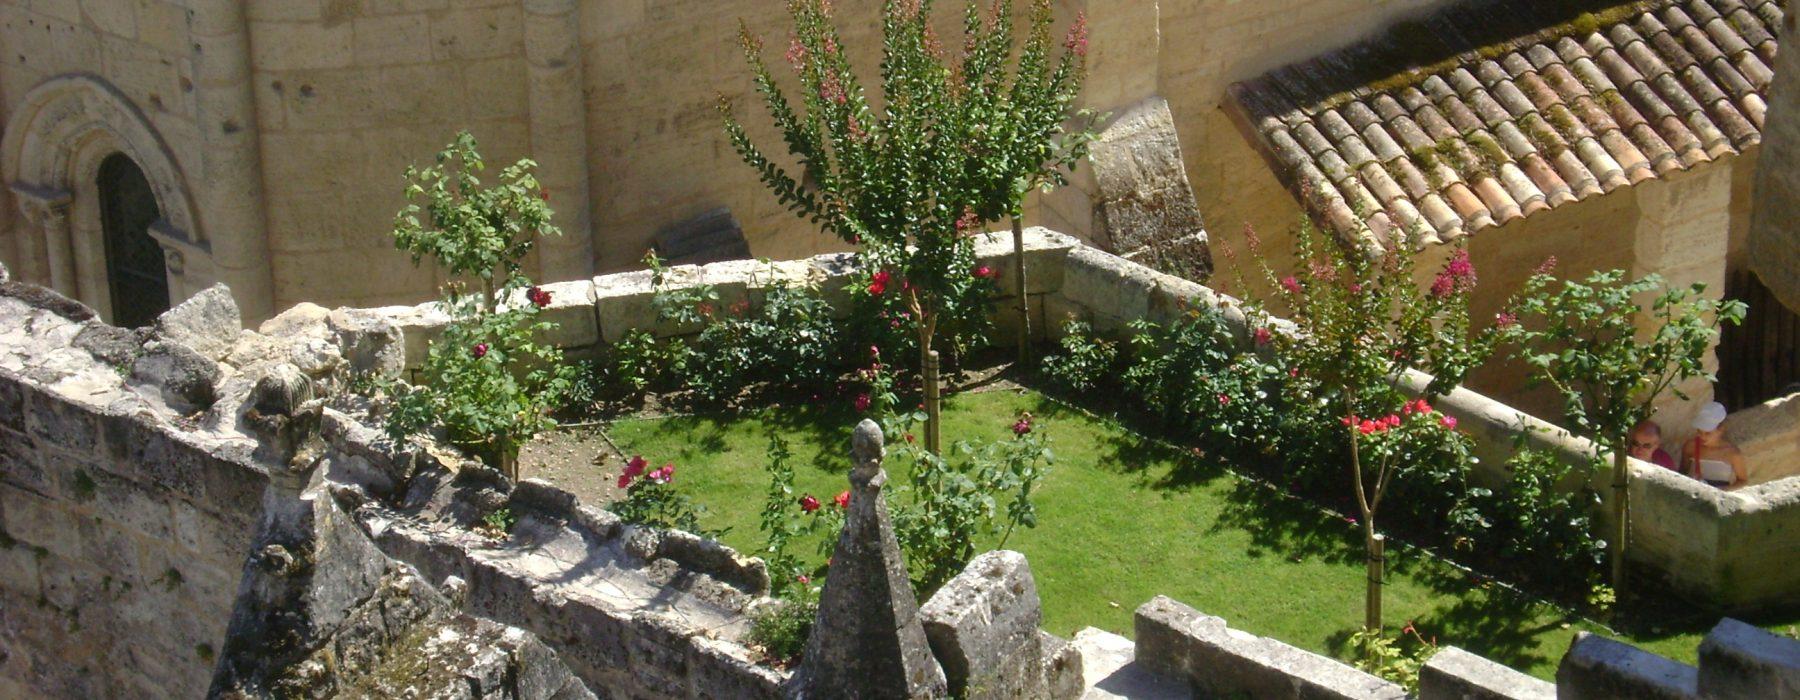 idyllischer Terrassen-Garten mitten in alten Steinmauern